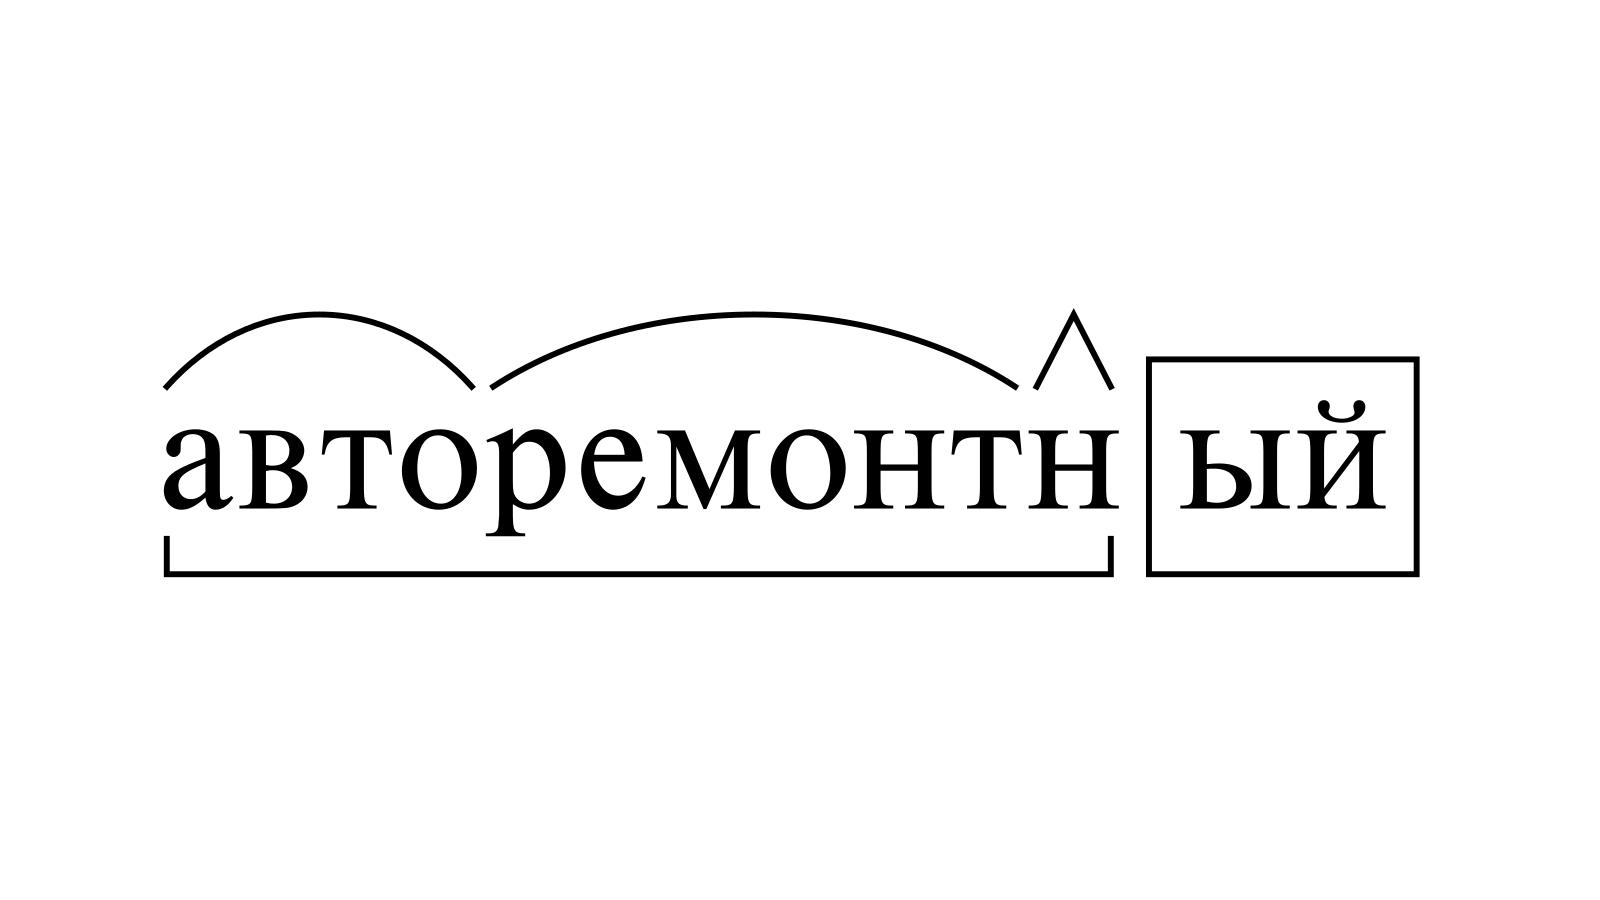 Разбор слова «авторемонтный» по составу